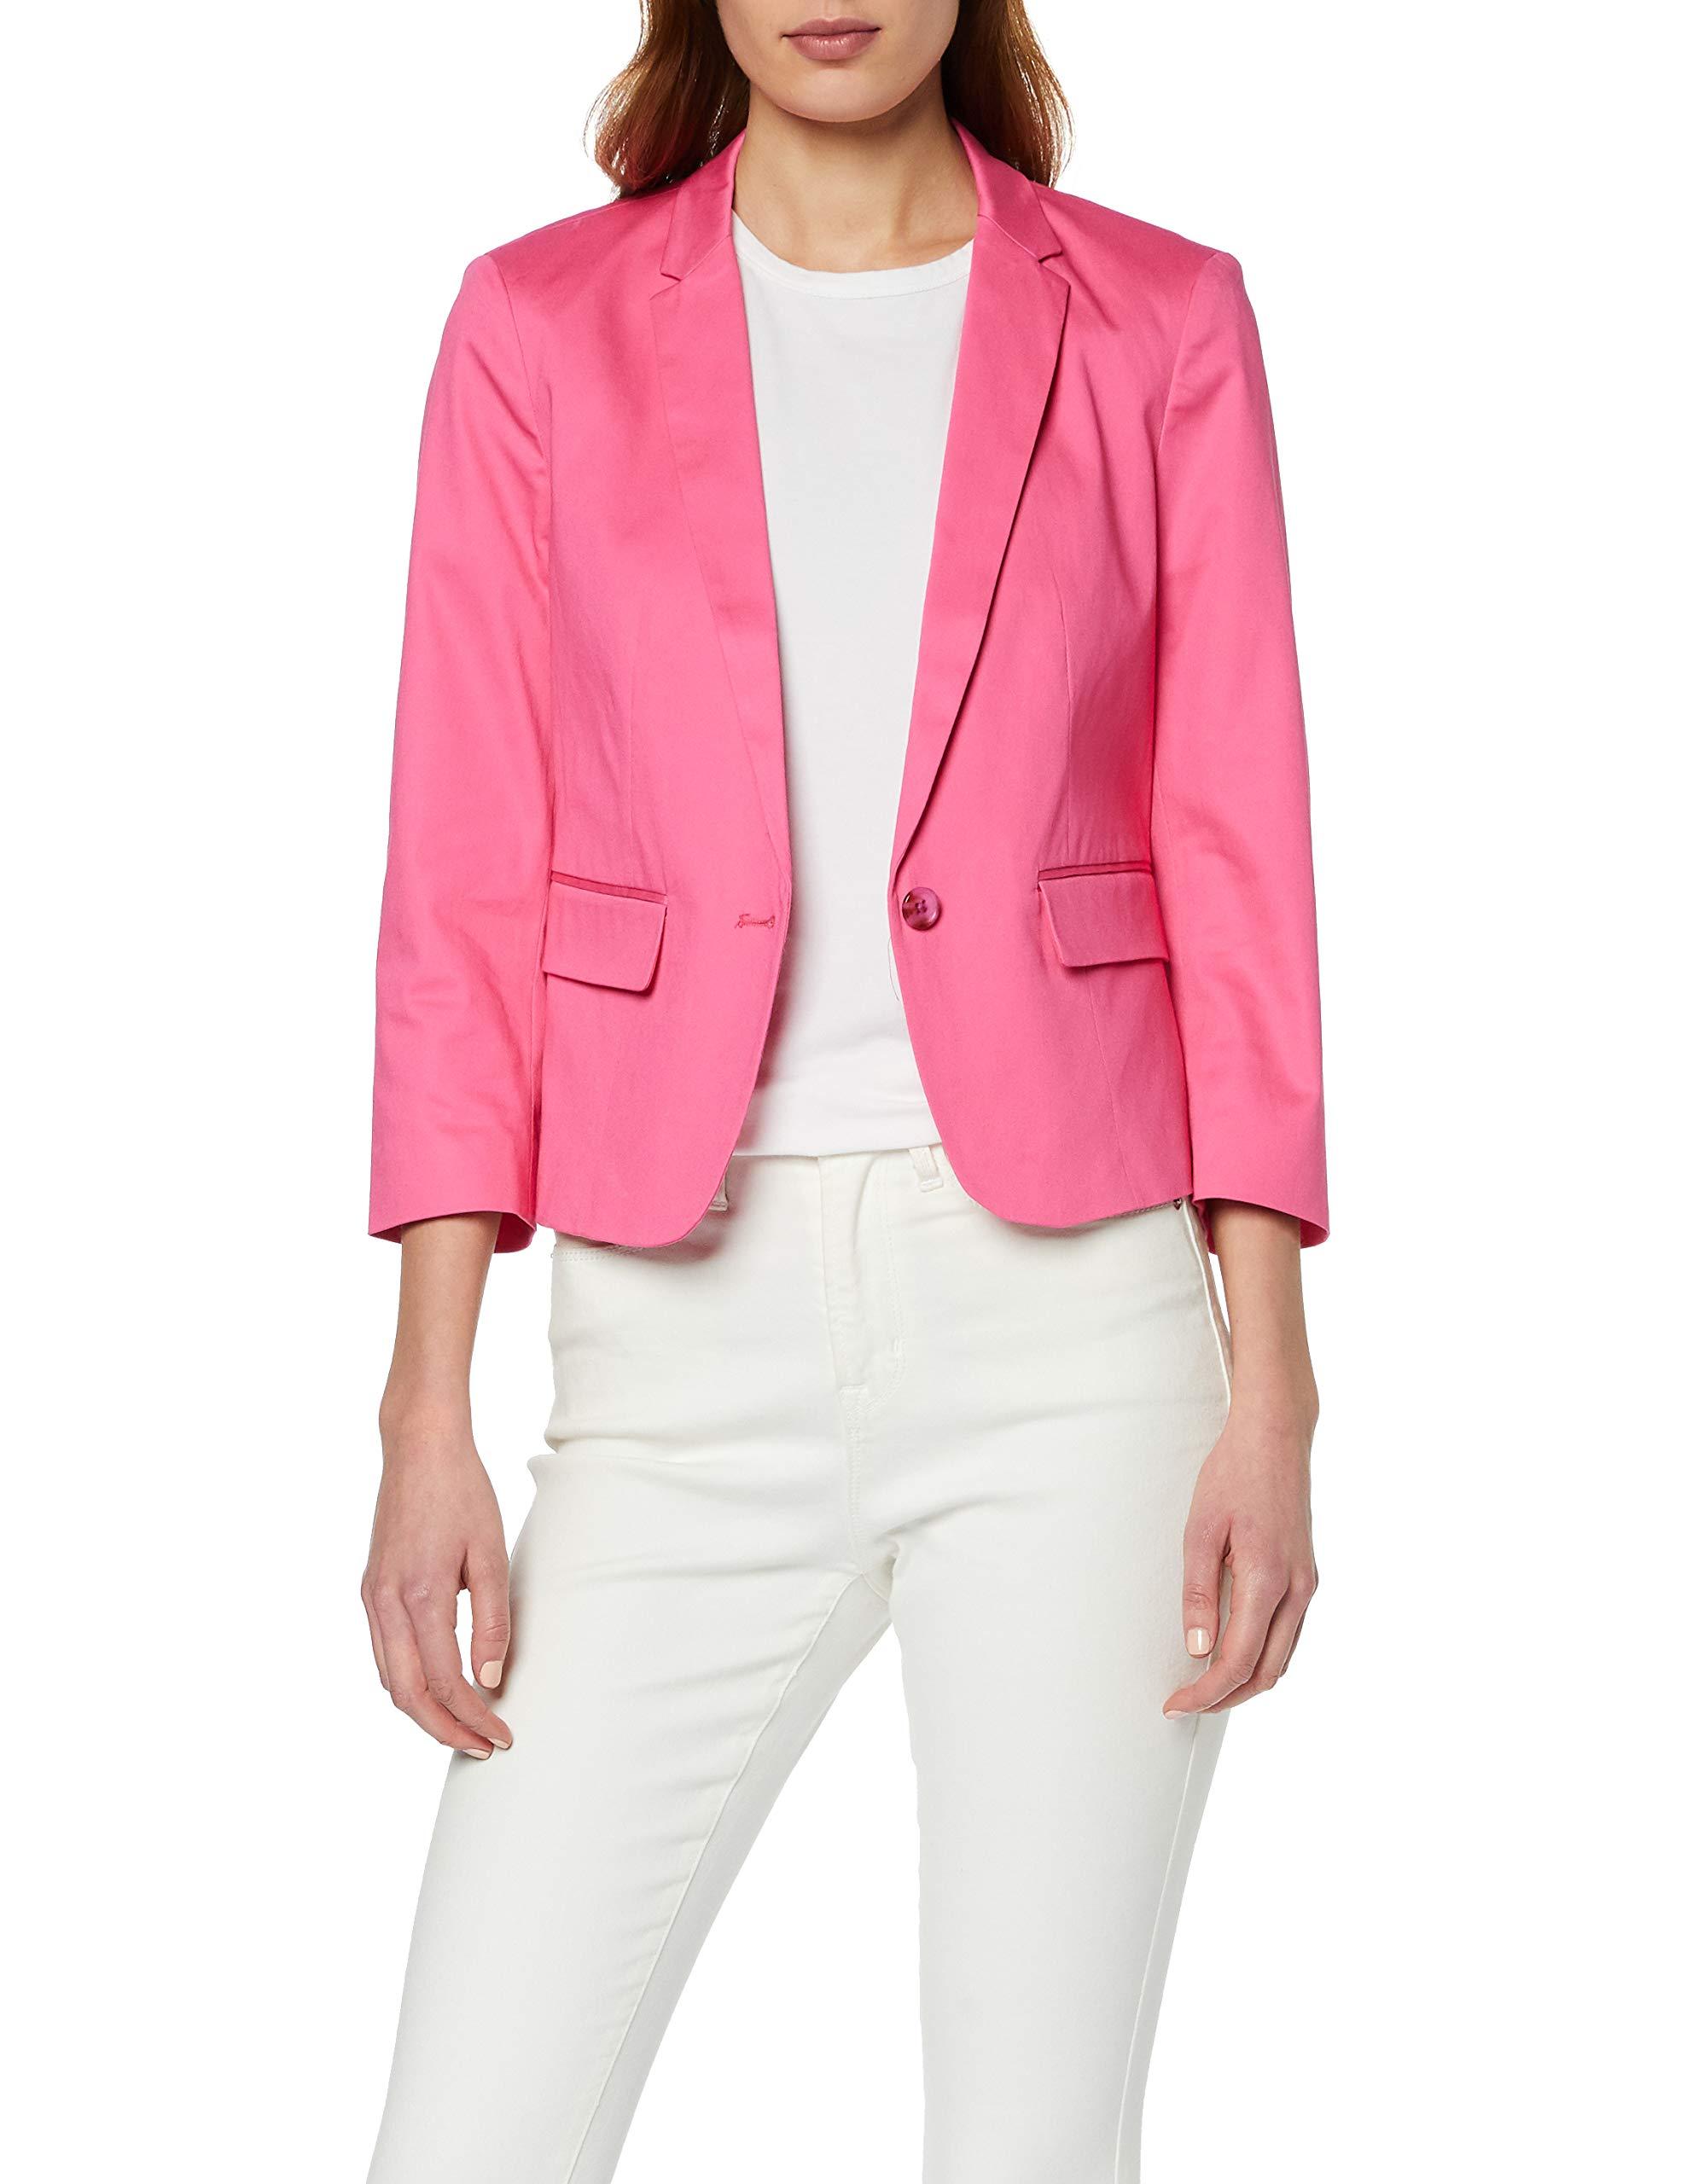 Femme Casual Tom Fr Tailor Veste 1009694 De Pink 1579942 CostumeRosecarmine oCExdWreQB